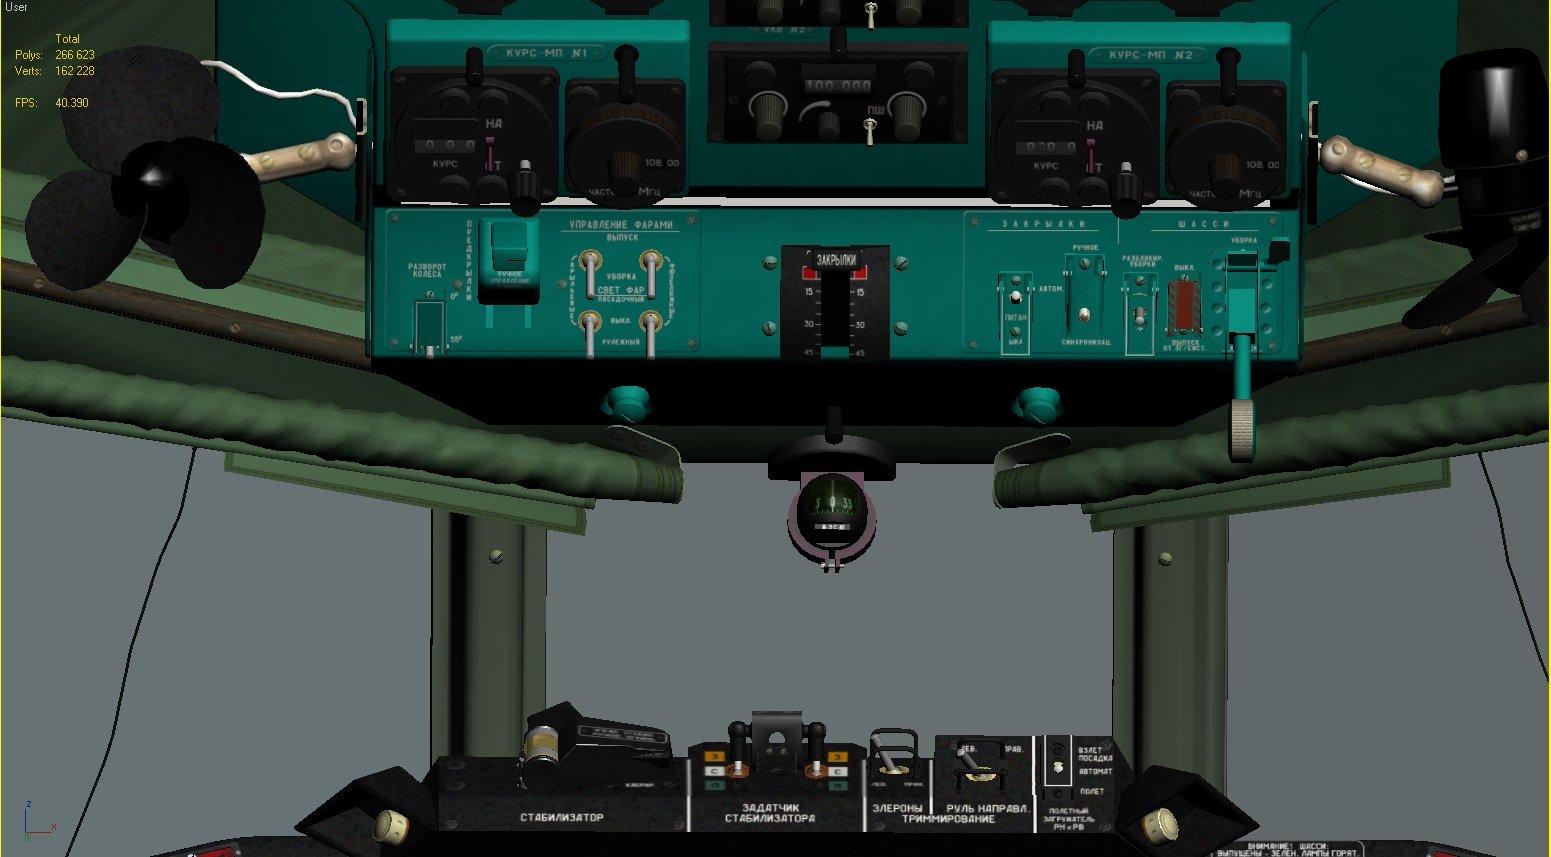 2078796032_2019-04-2001_43_40-Tu-154_B2_VC487.max-ProjectFolder_D__Documents_3dsmax-Autodesk.jpg.6f416a641b3ff5036b699d8170762b90.jpg